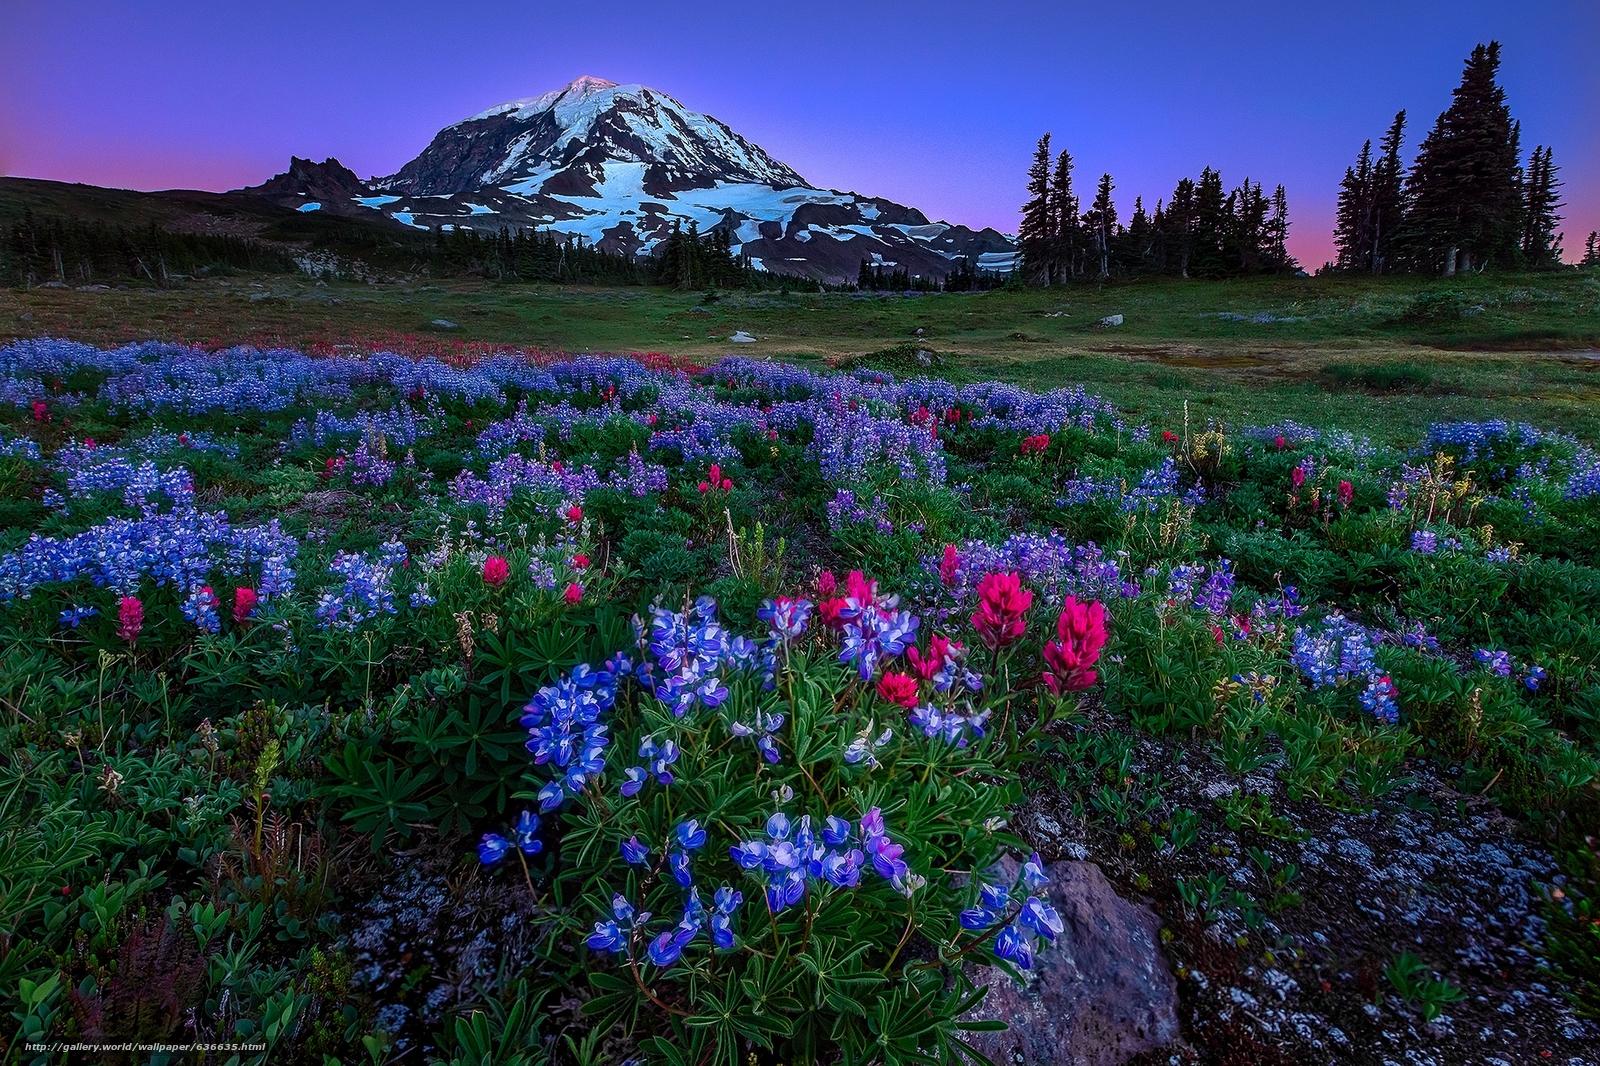 Скачать обои Mount Rainier National Park,  национальный парк США,  Вашингтон,  горы бесплатно для рабочего стола в разрешении 2048x1365 — картинка №636635